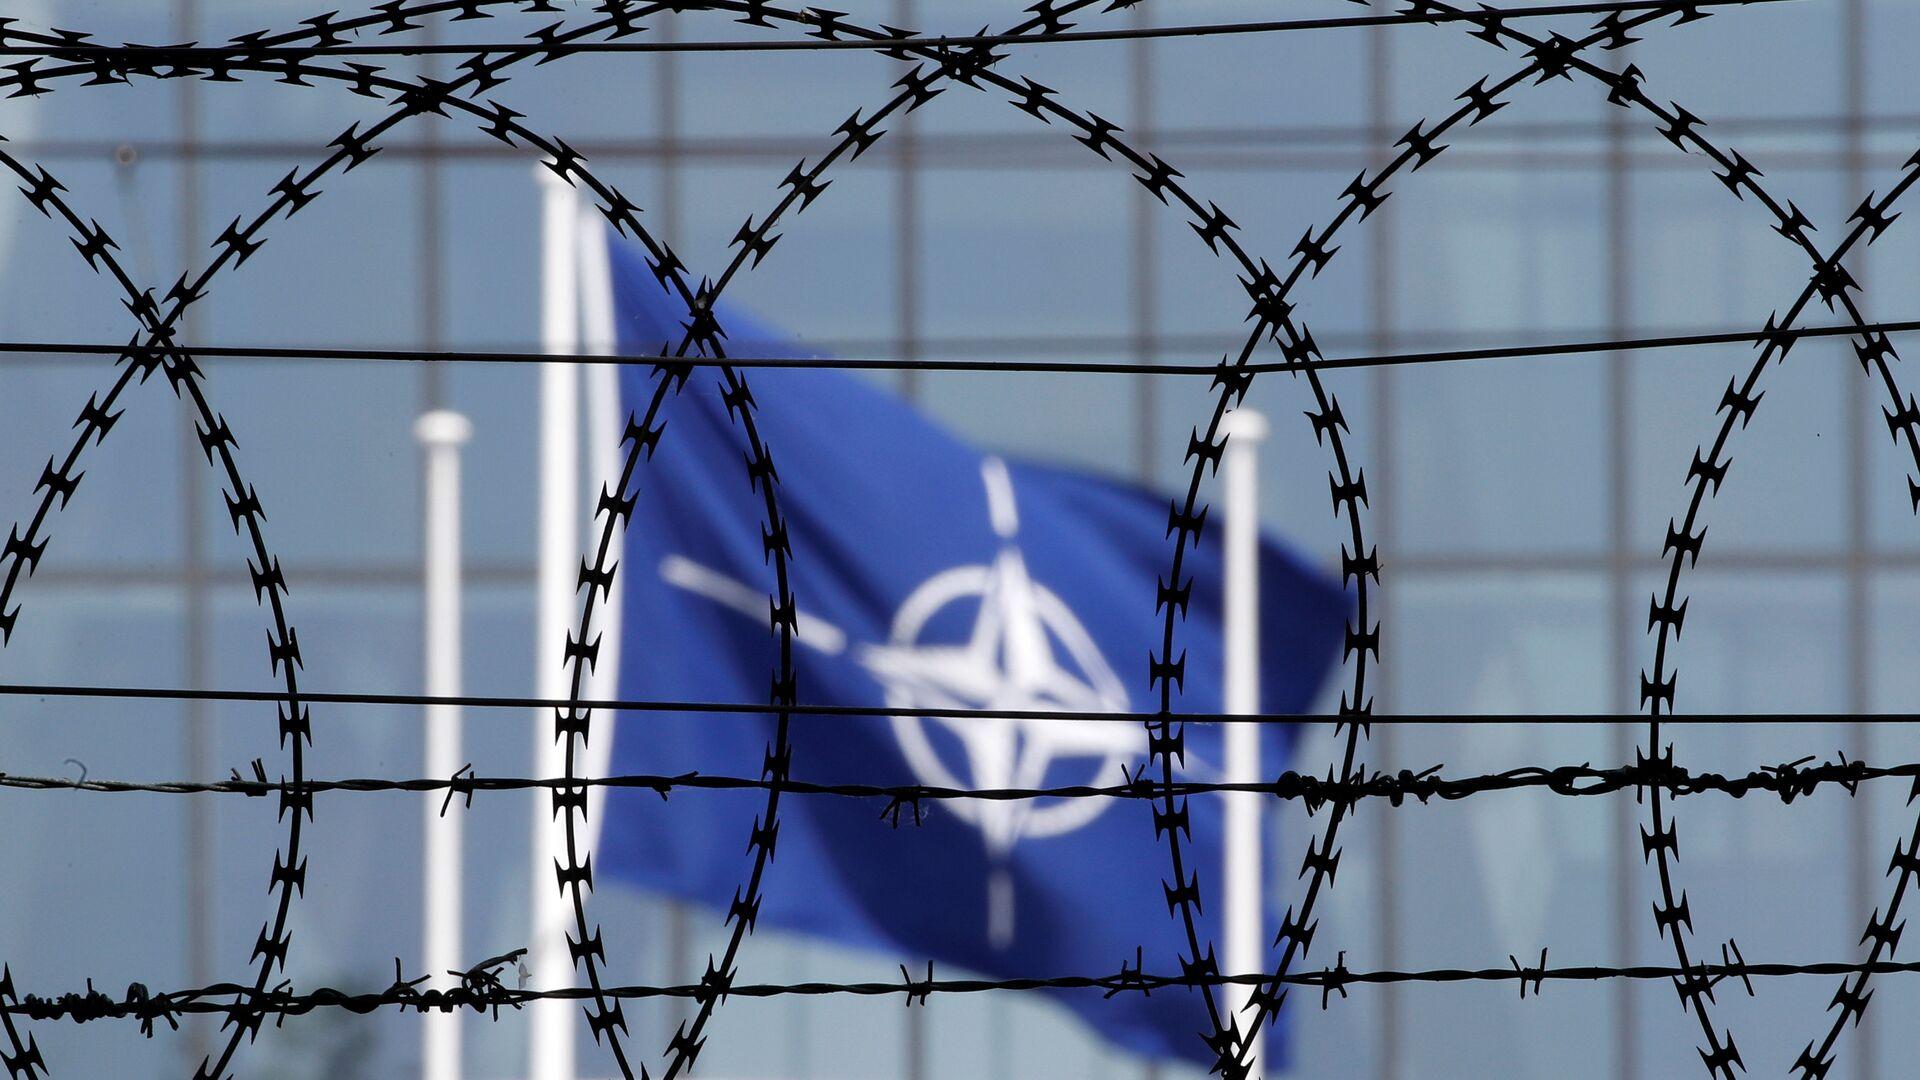 La bandiera NATO - Sputnik Italia, 1920, 18.09.2021